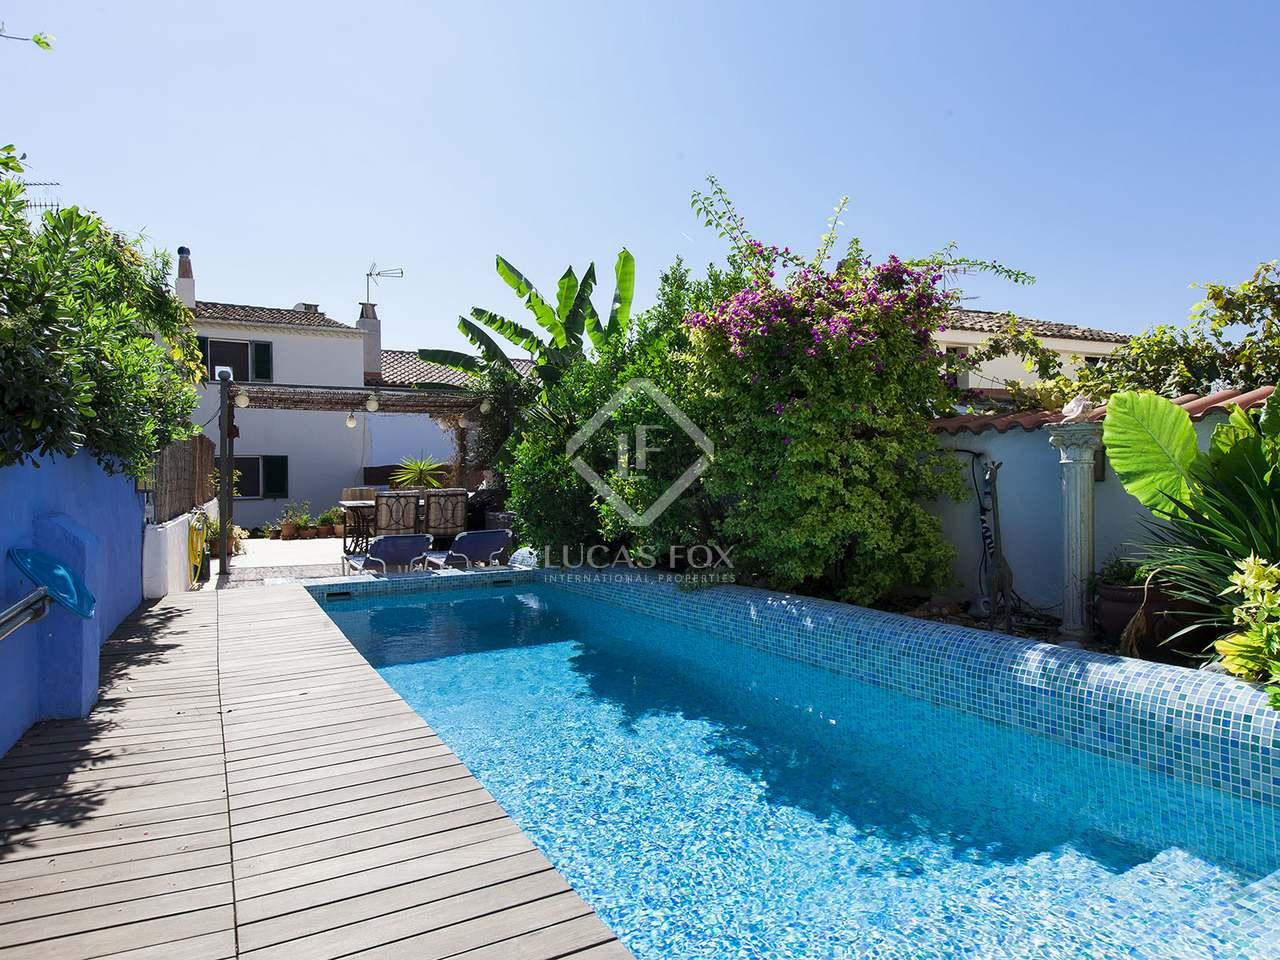 Casa preciosa en venta en sant pere de ribes cerca de sitges for Piscina sitges